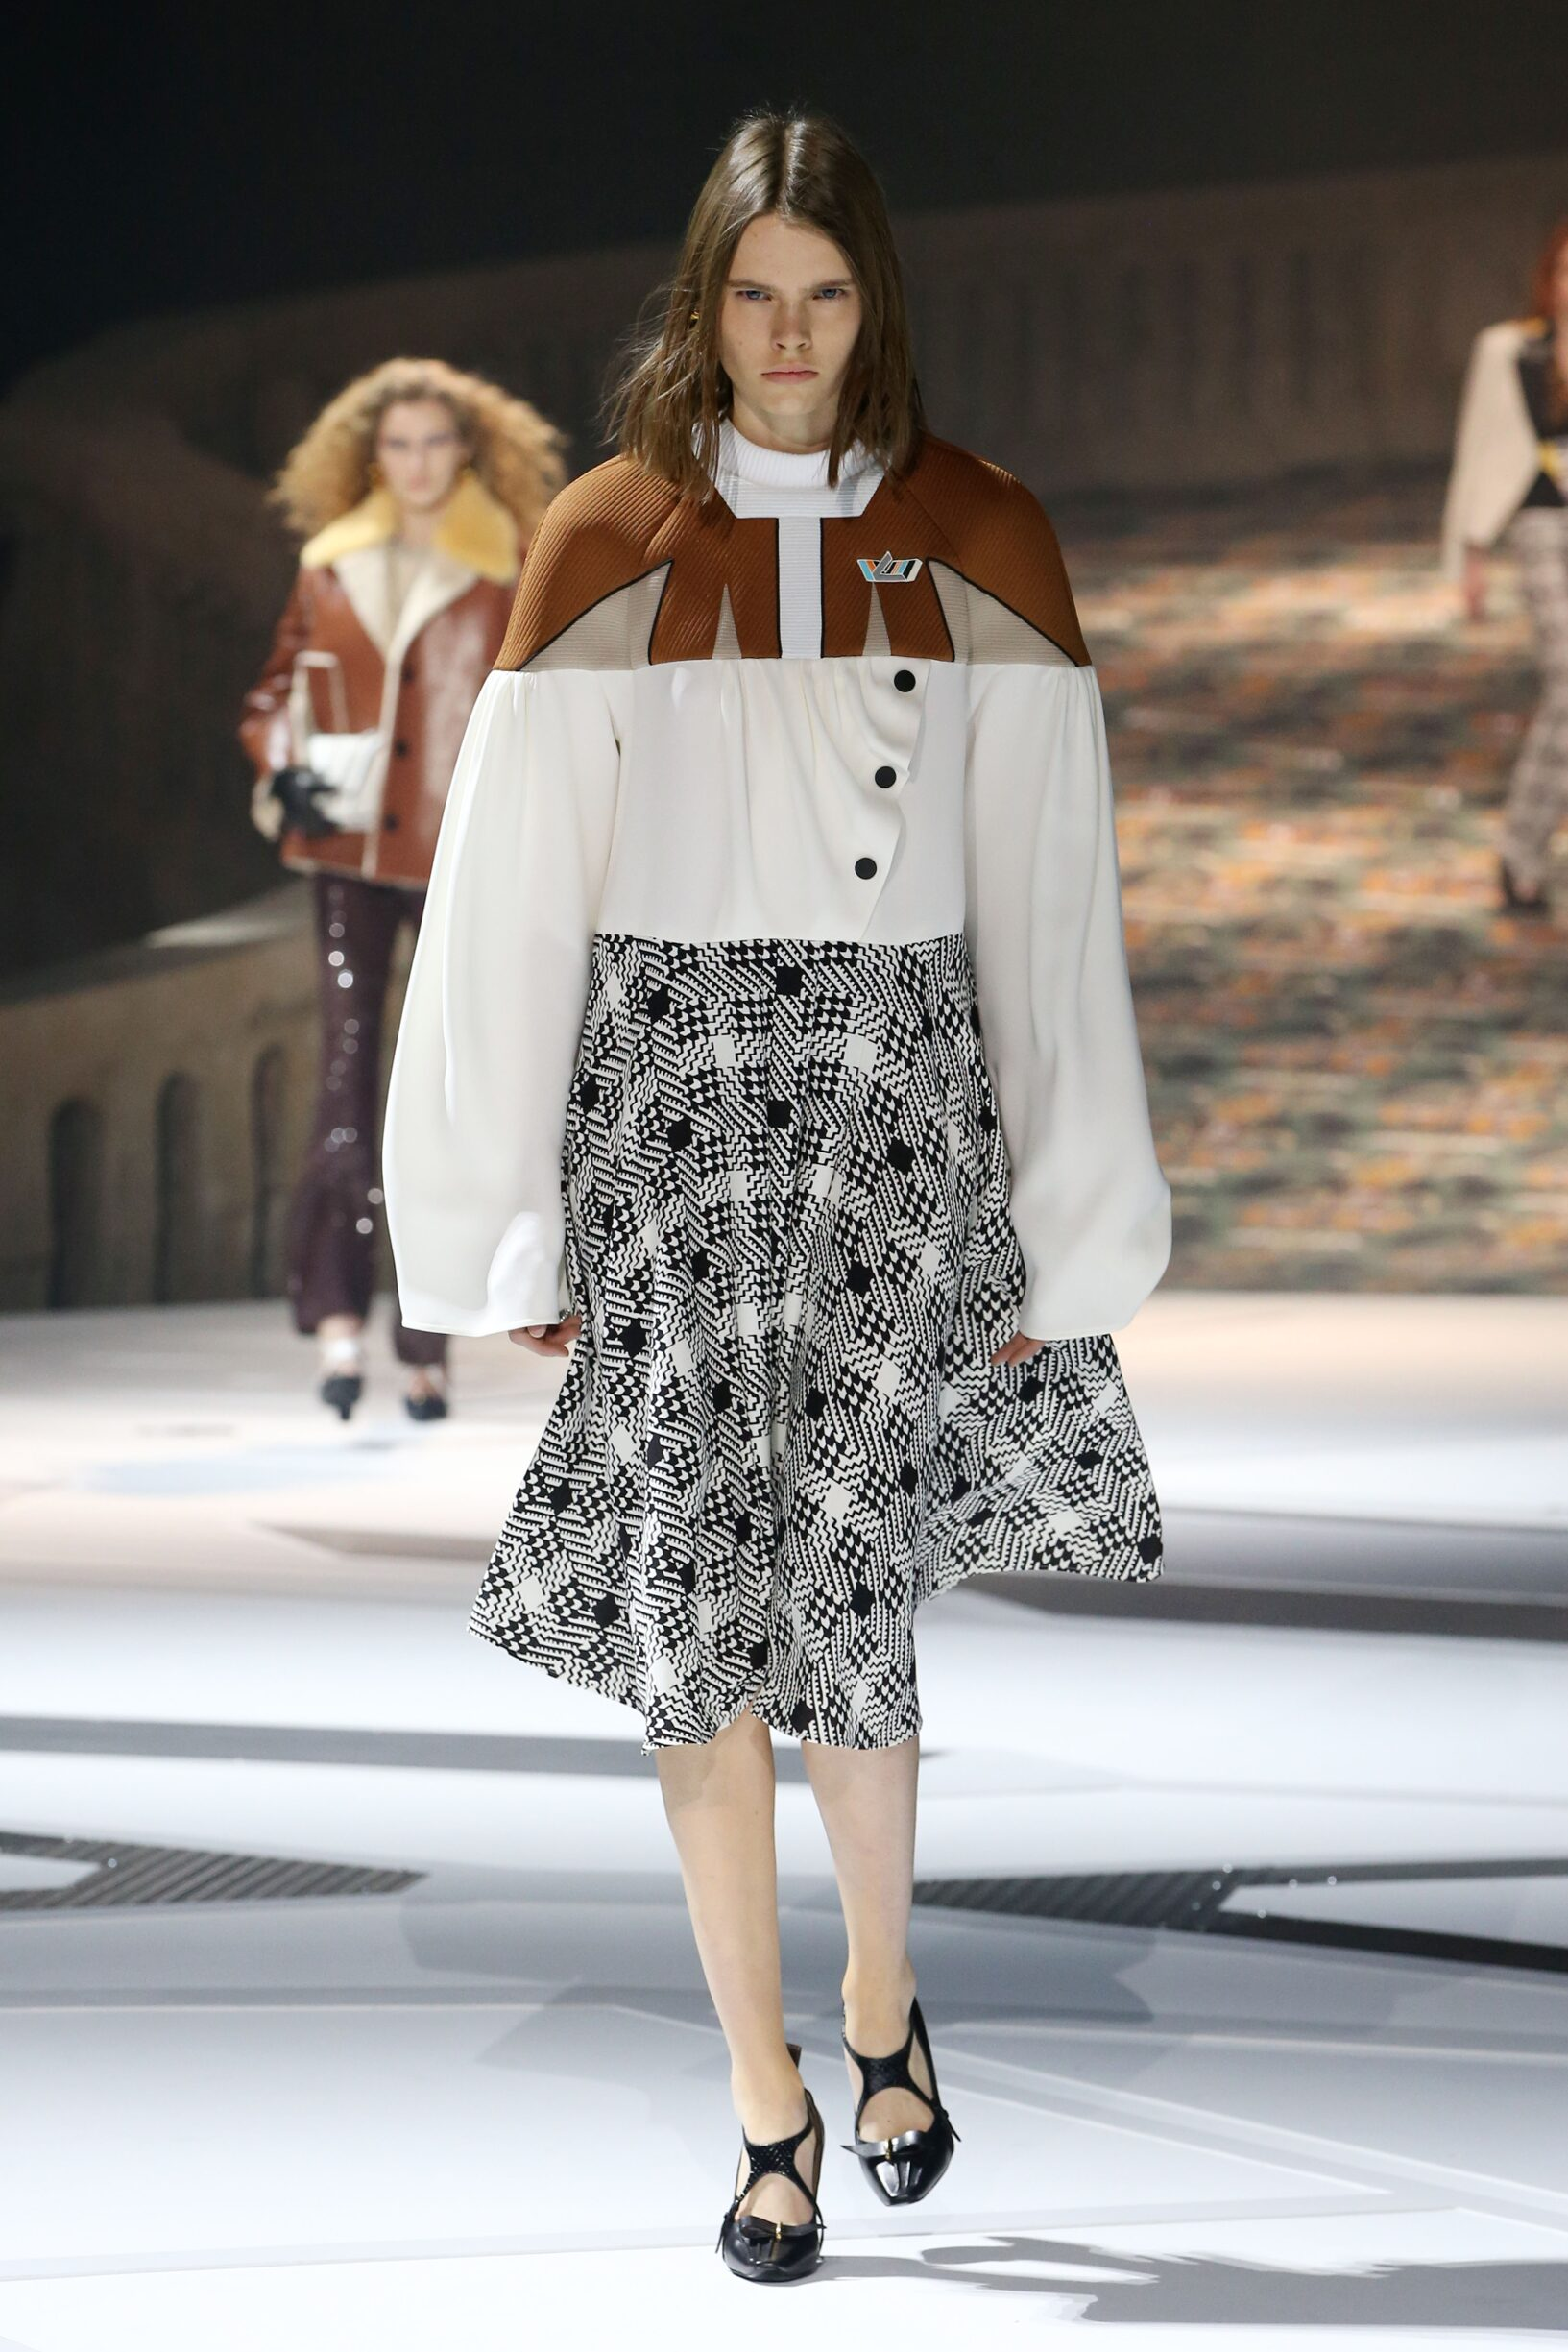 2018 Woman Style Louis Vuitton